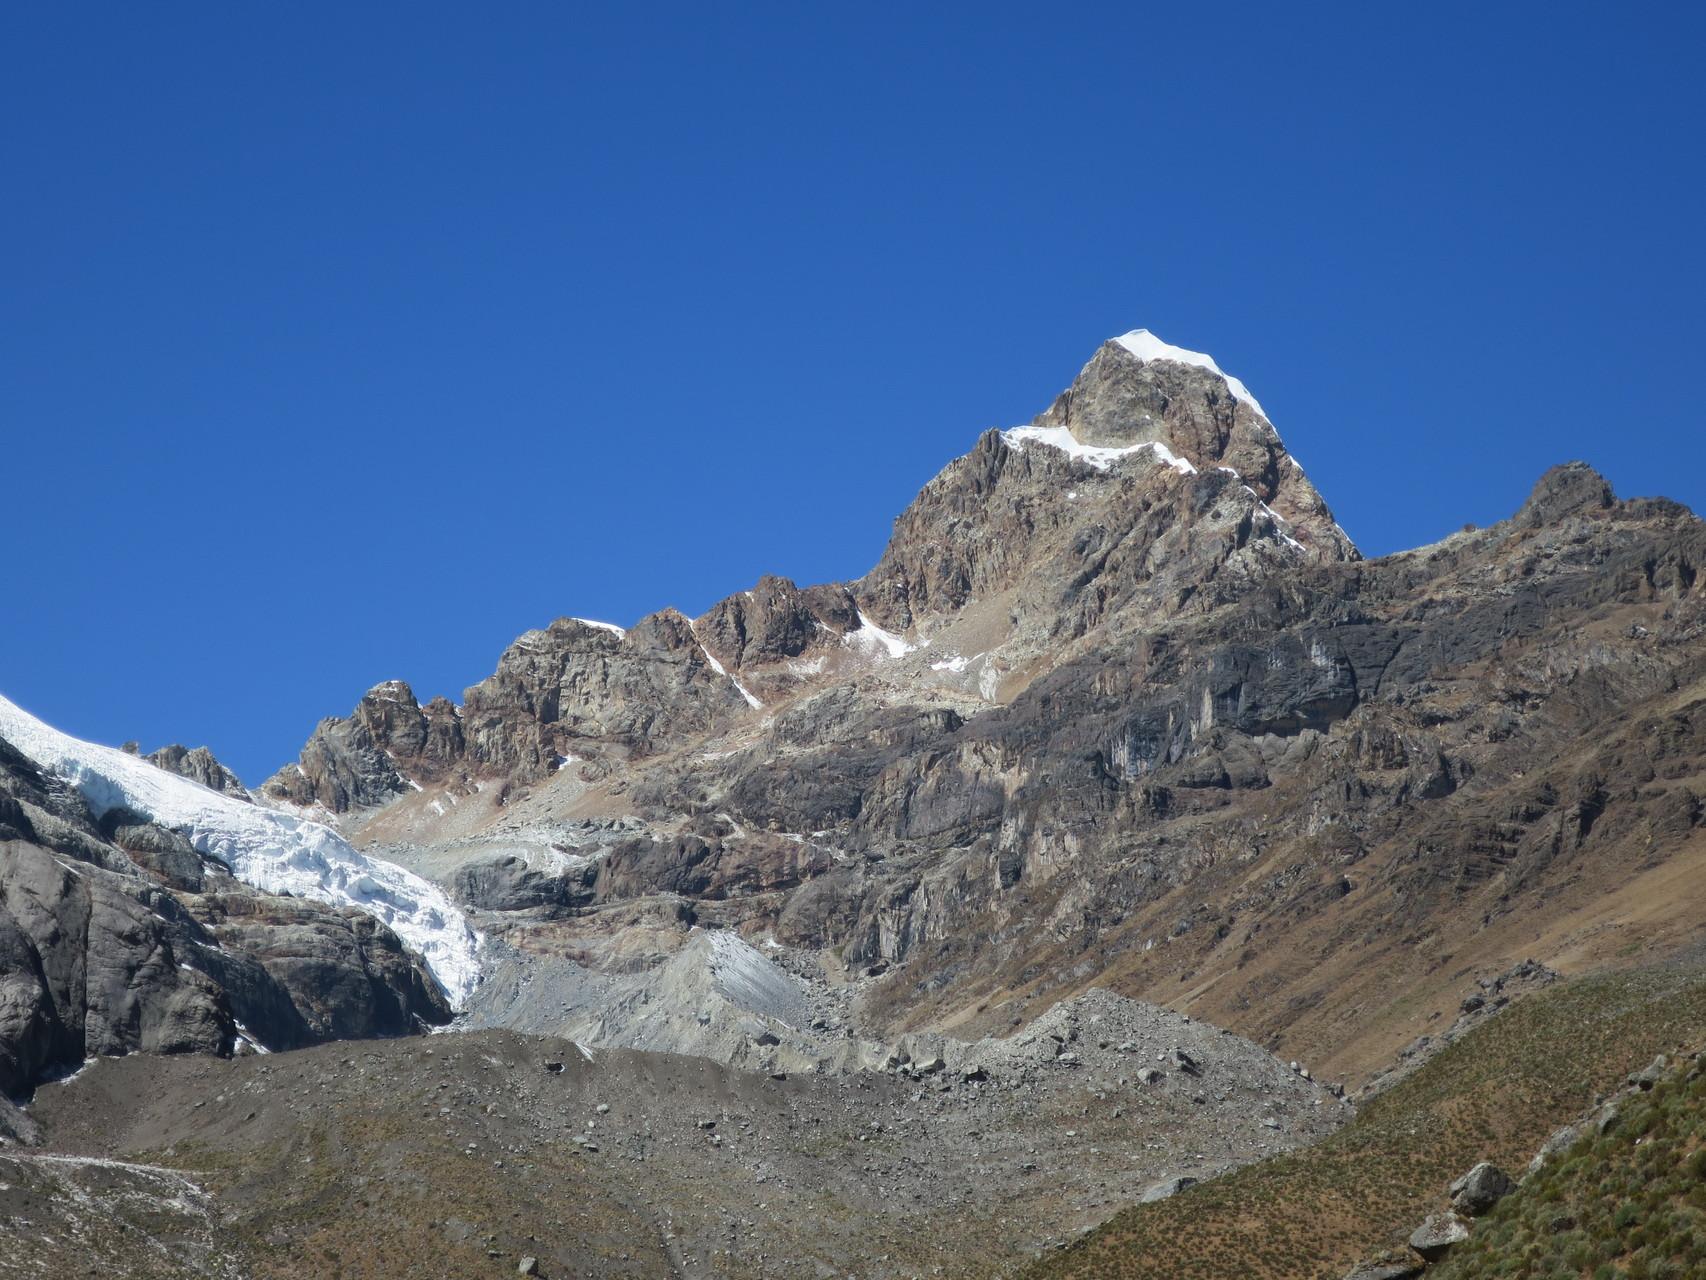 Der Tsacra Chico Norte 5513m mit dem Ostgrat